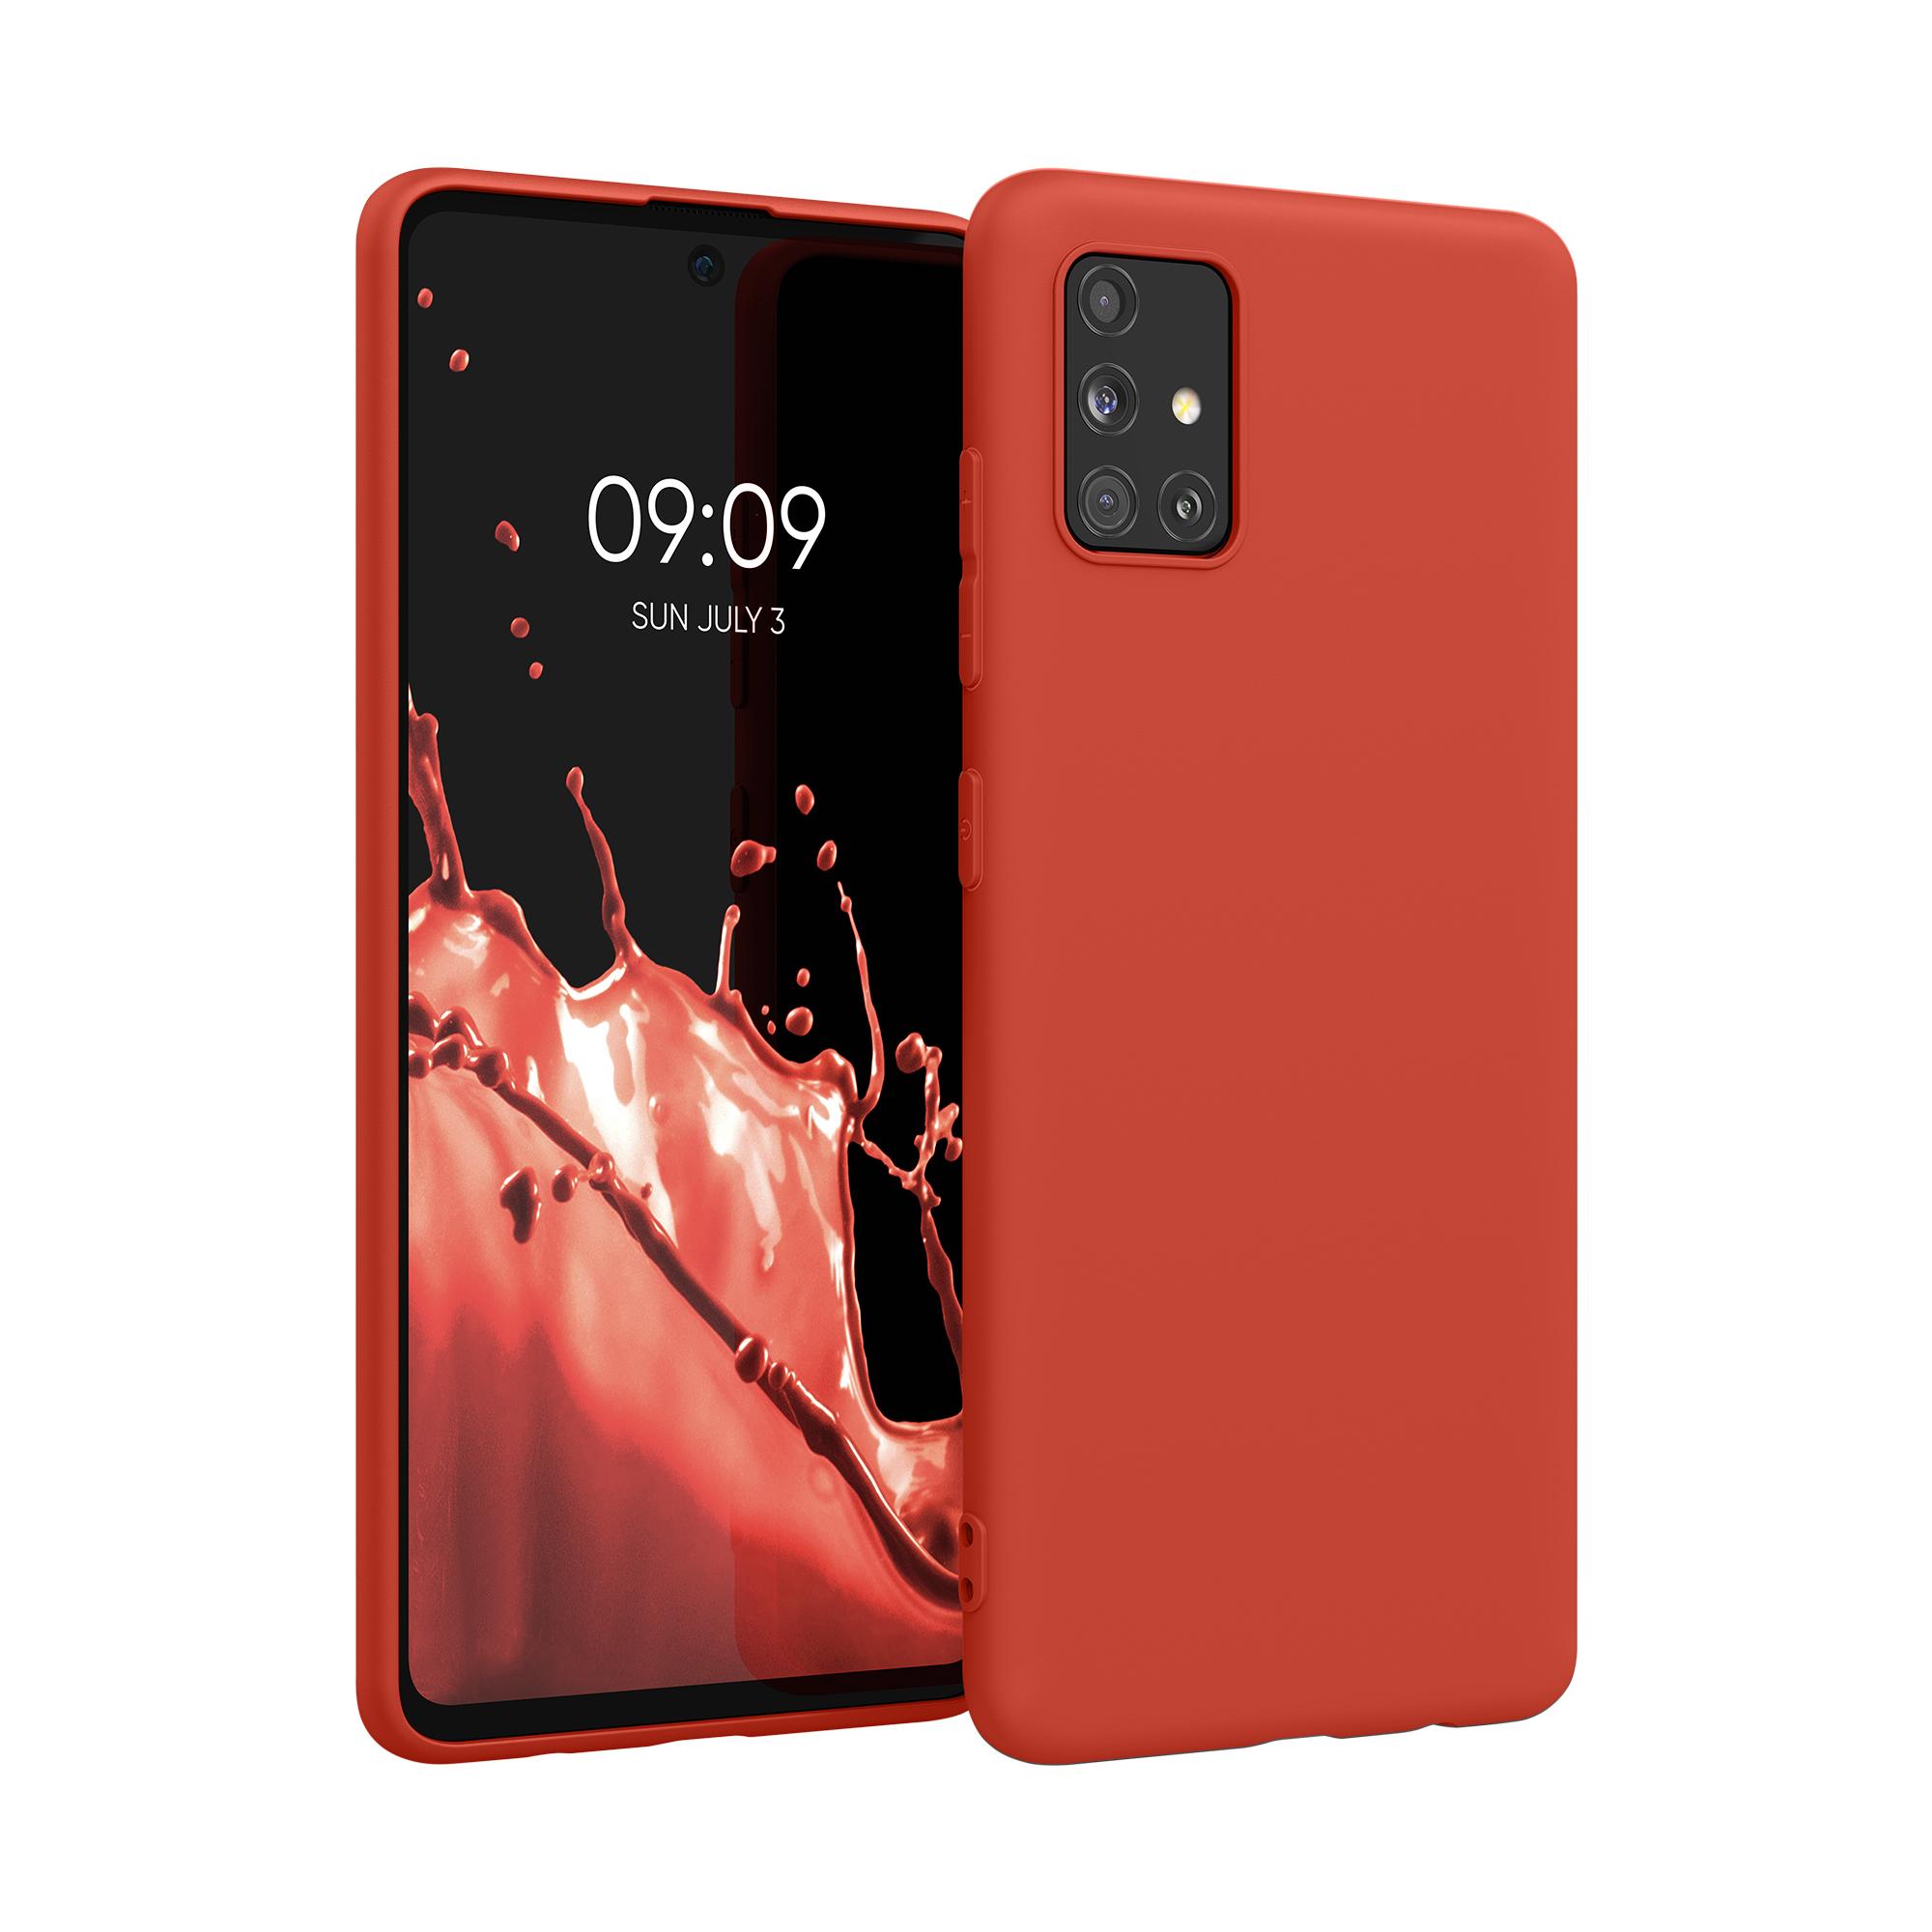 Neonově červené silikonové matné pouzdro / obal pro Samsung Galaxy A51